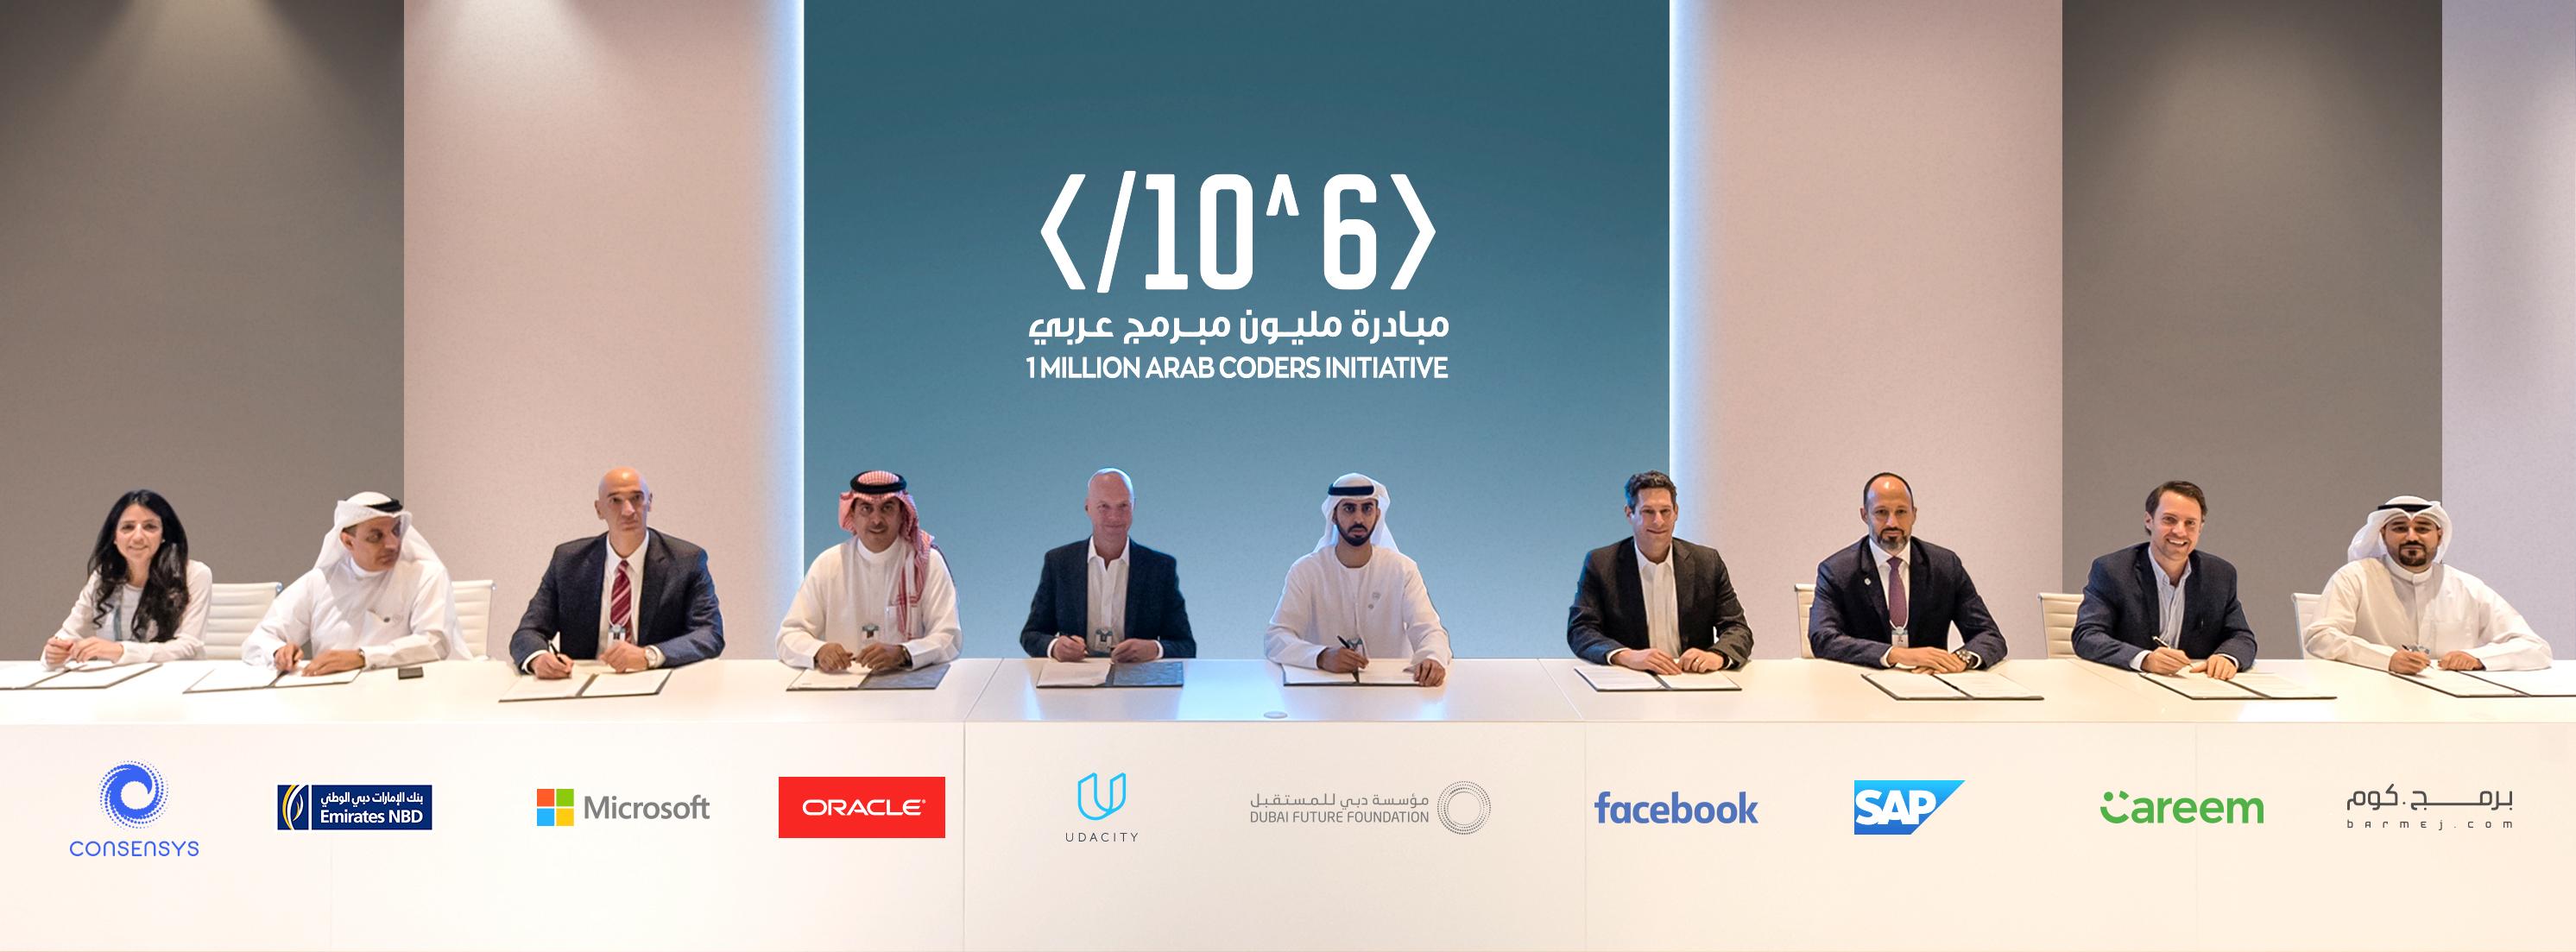 منصة برمج توقع اتفاقية شراكة استراتيجية مع مبادرة مليون مبرمج عربي